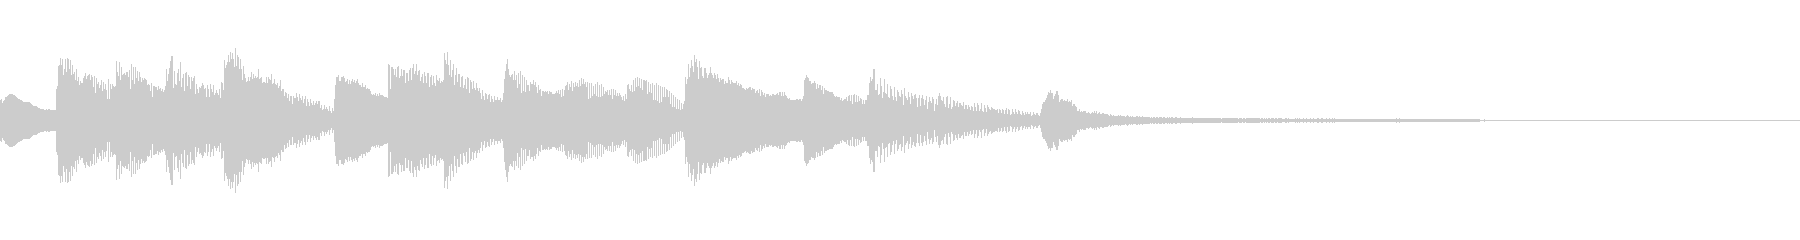 おしゃれできれいなピアノのジングル21の未再生の波形